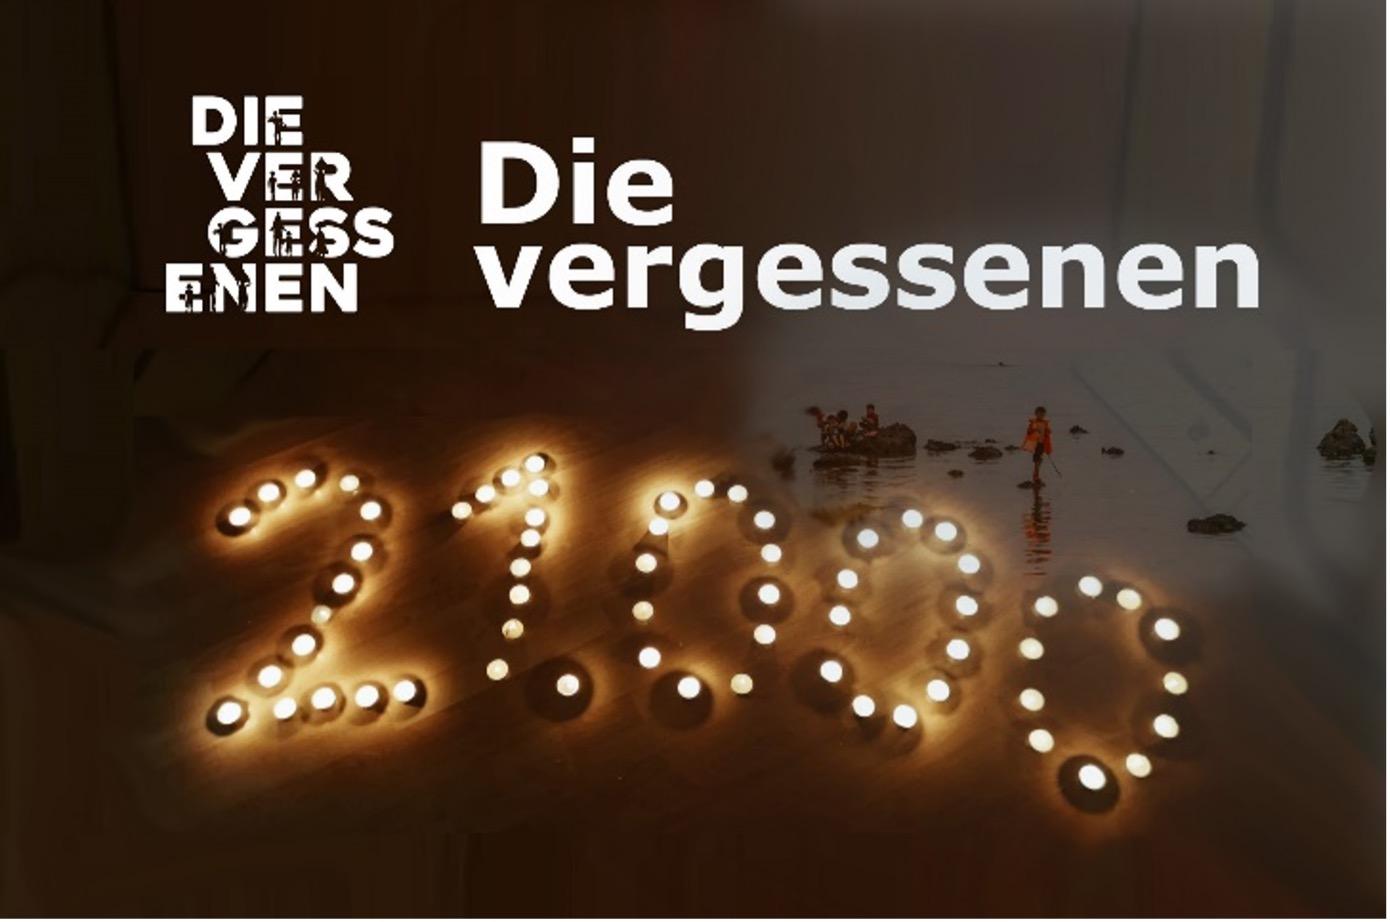 Projekt 21000 - Lassen Sie uns gemeinsam, ganz still einen besonderen Moment gestalten.